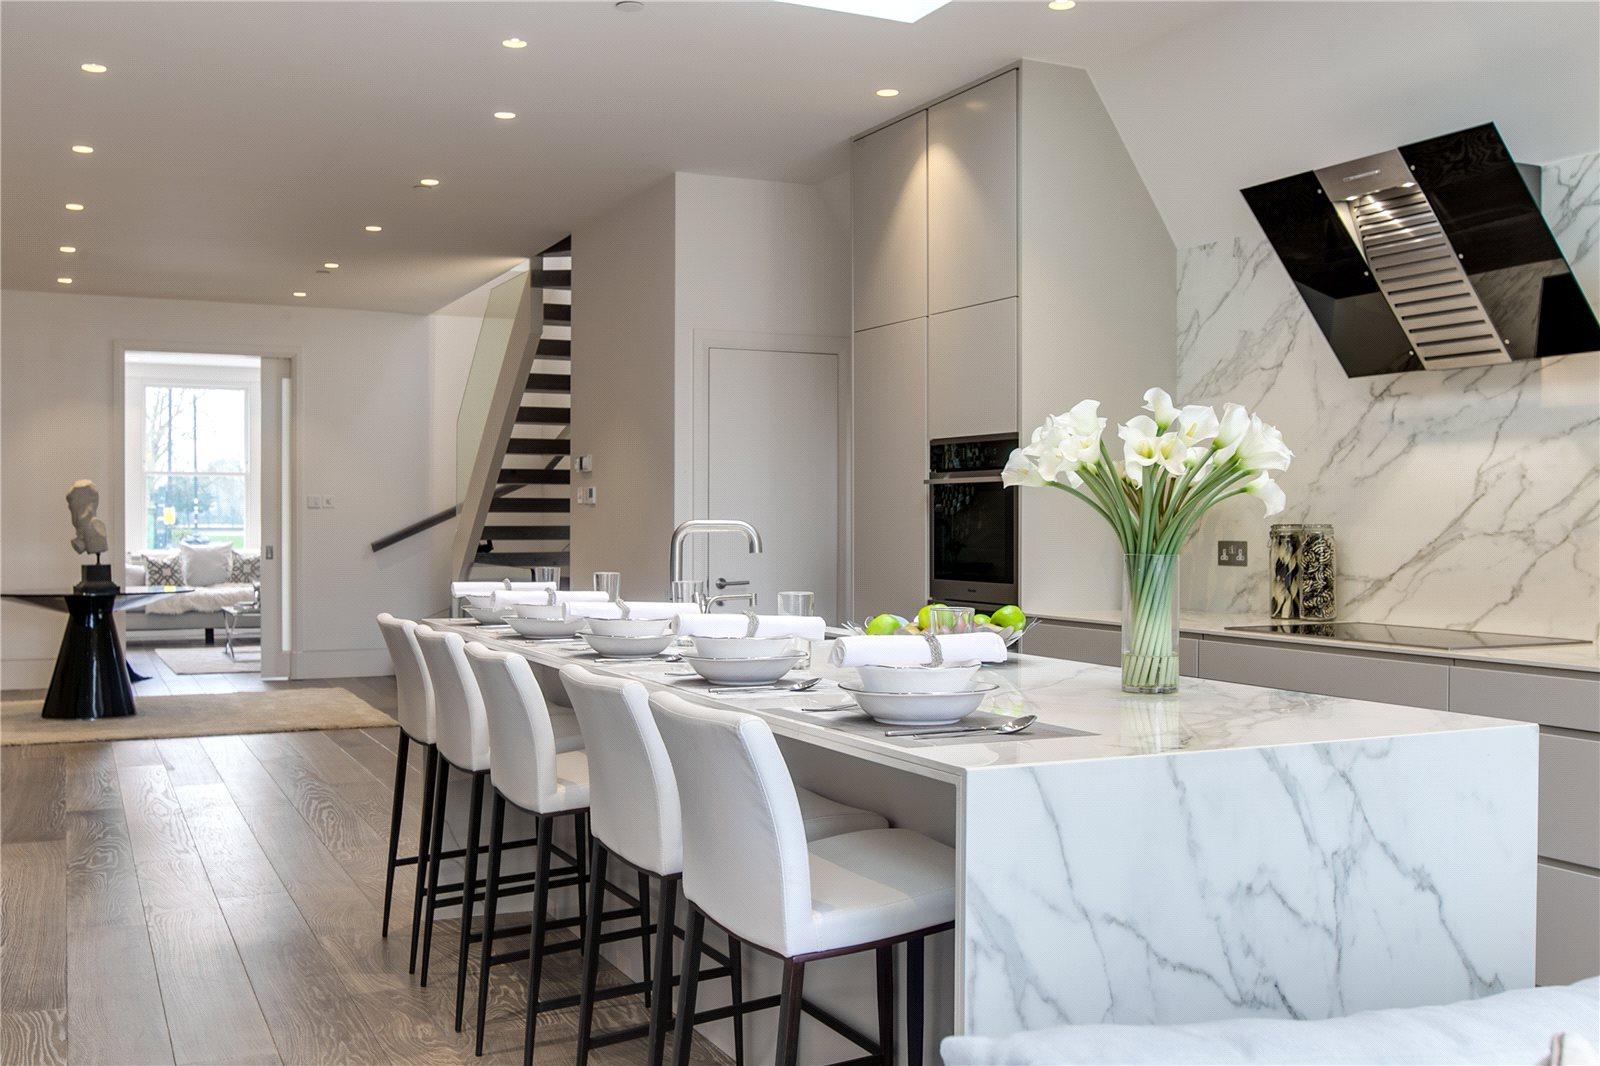 Exceptional Interior Design